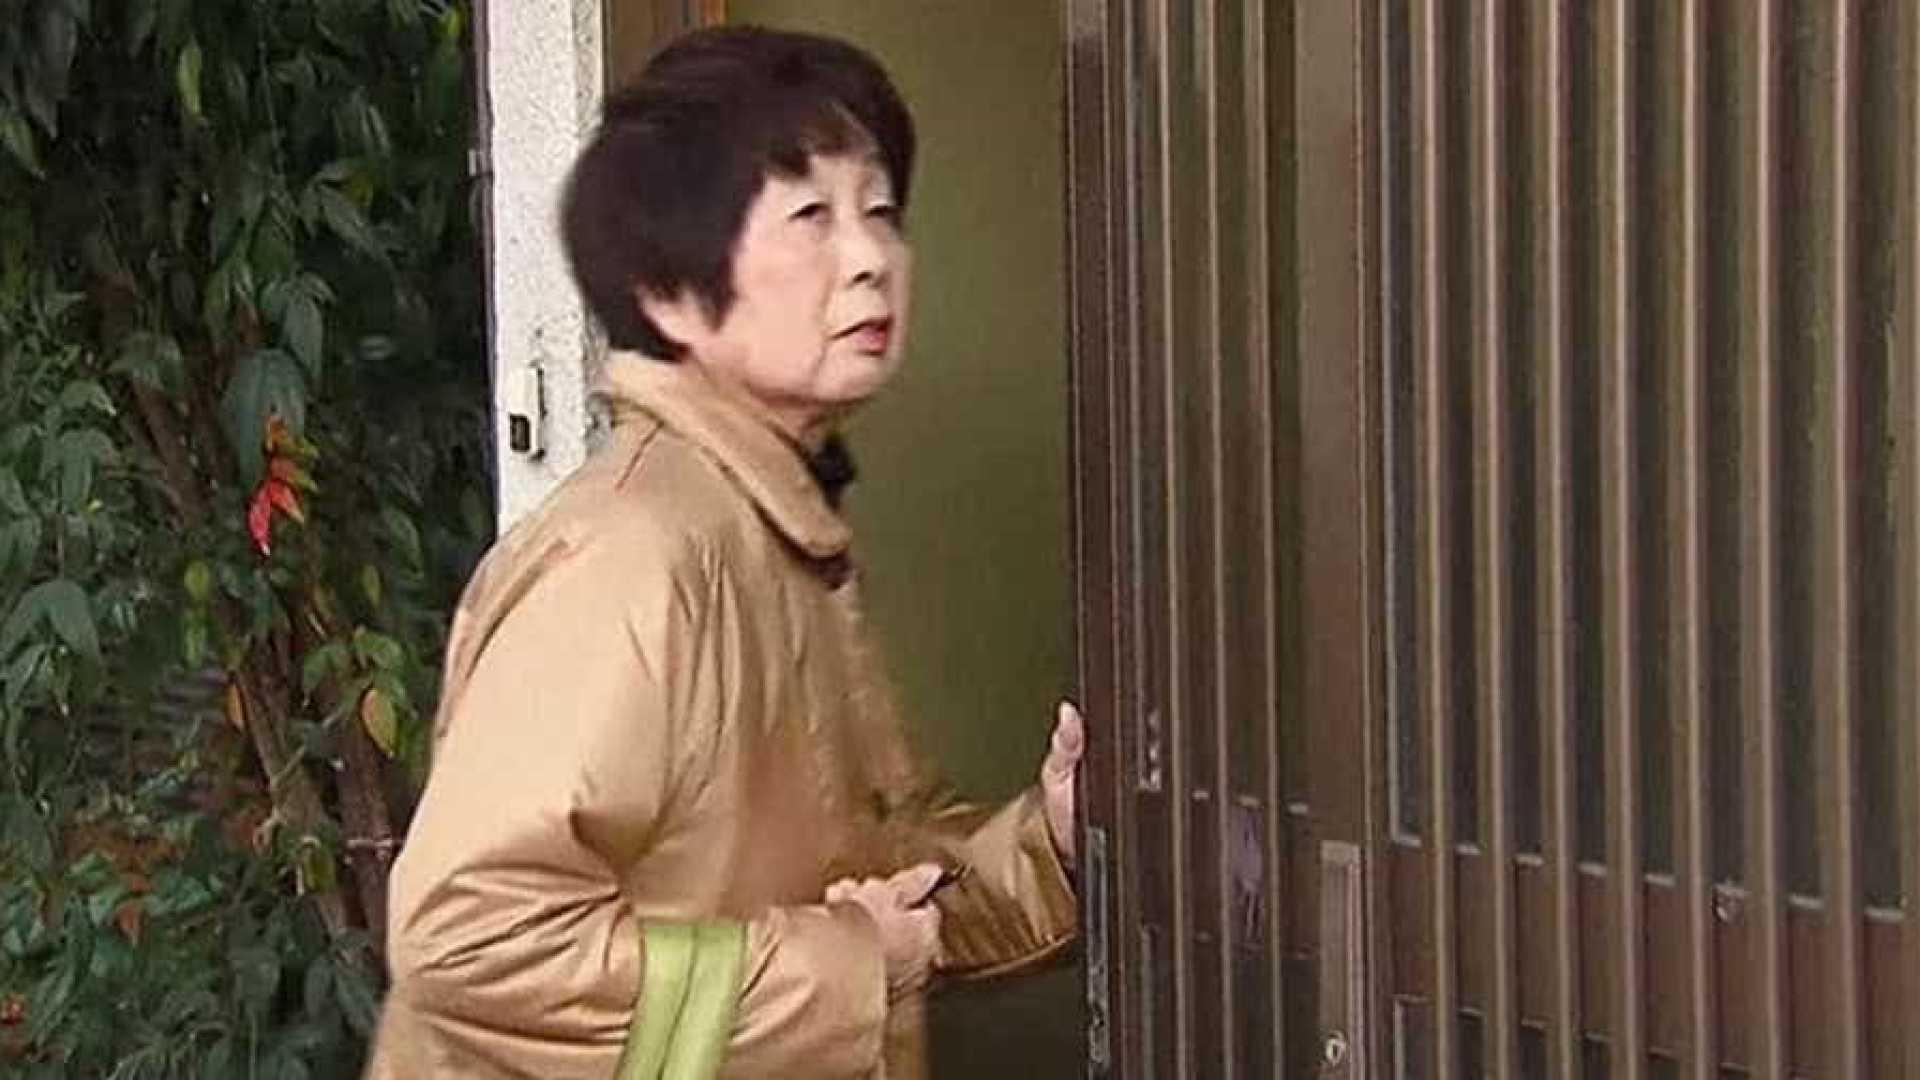 'viúva negra' condenada a pena de morte no japão - naom 5a017999198a3 - 'Viúva Negra' condenada a pena de morte no Japão